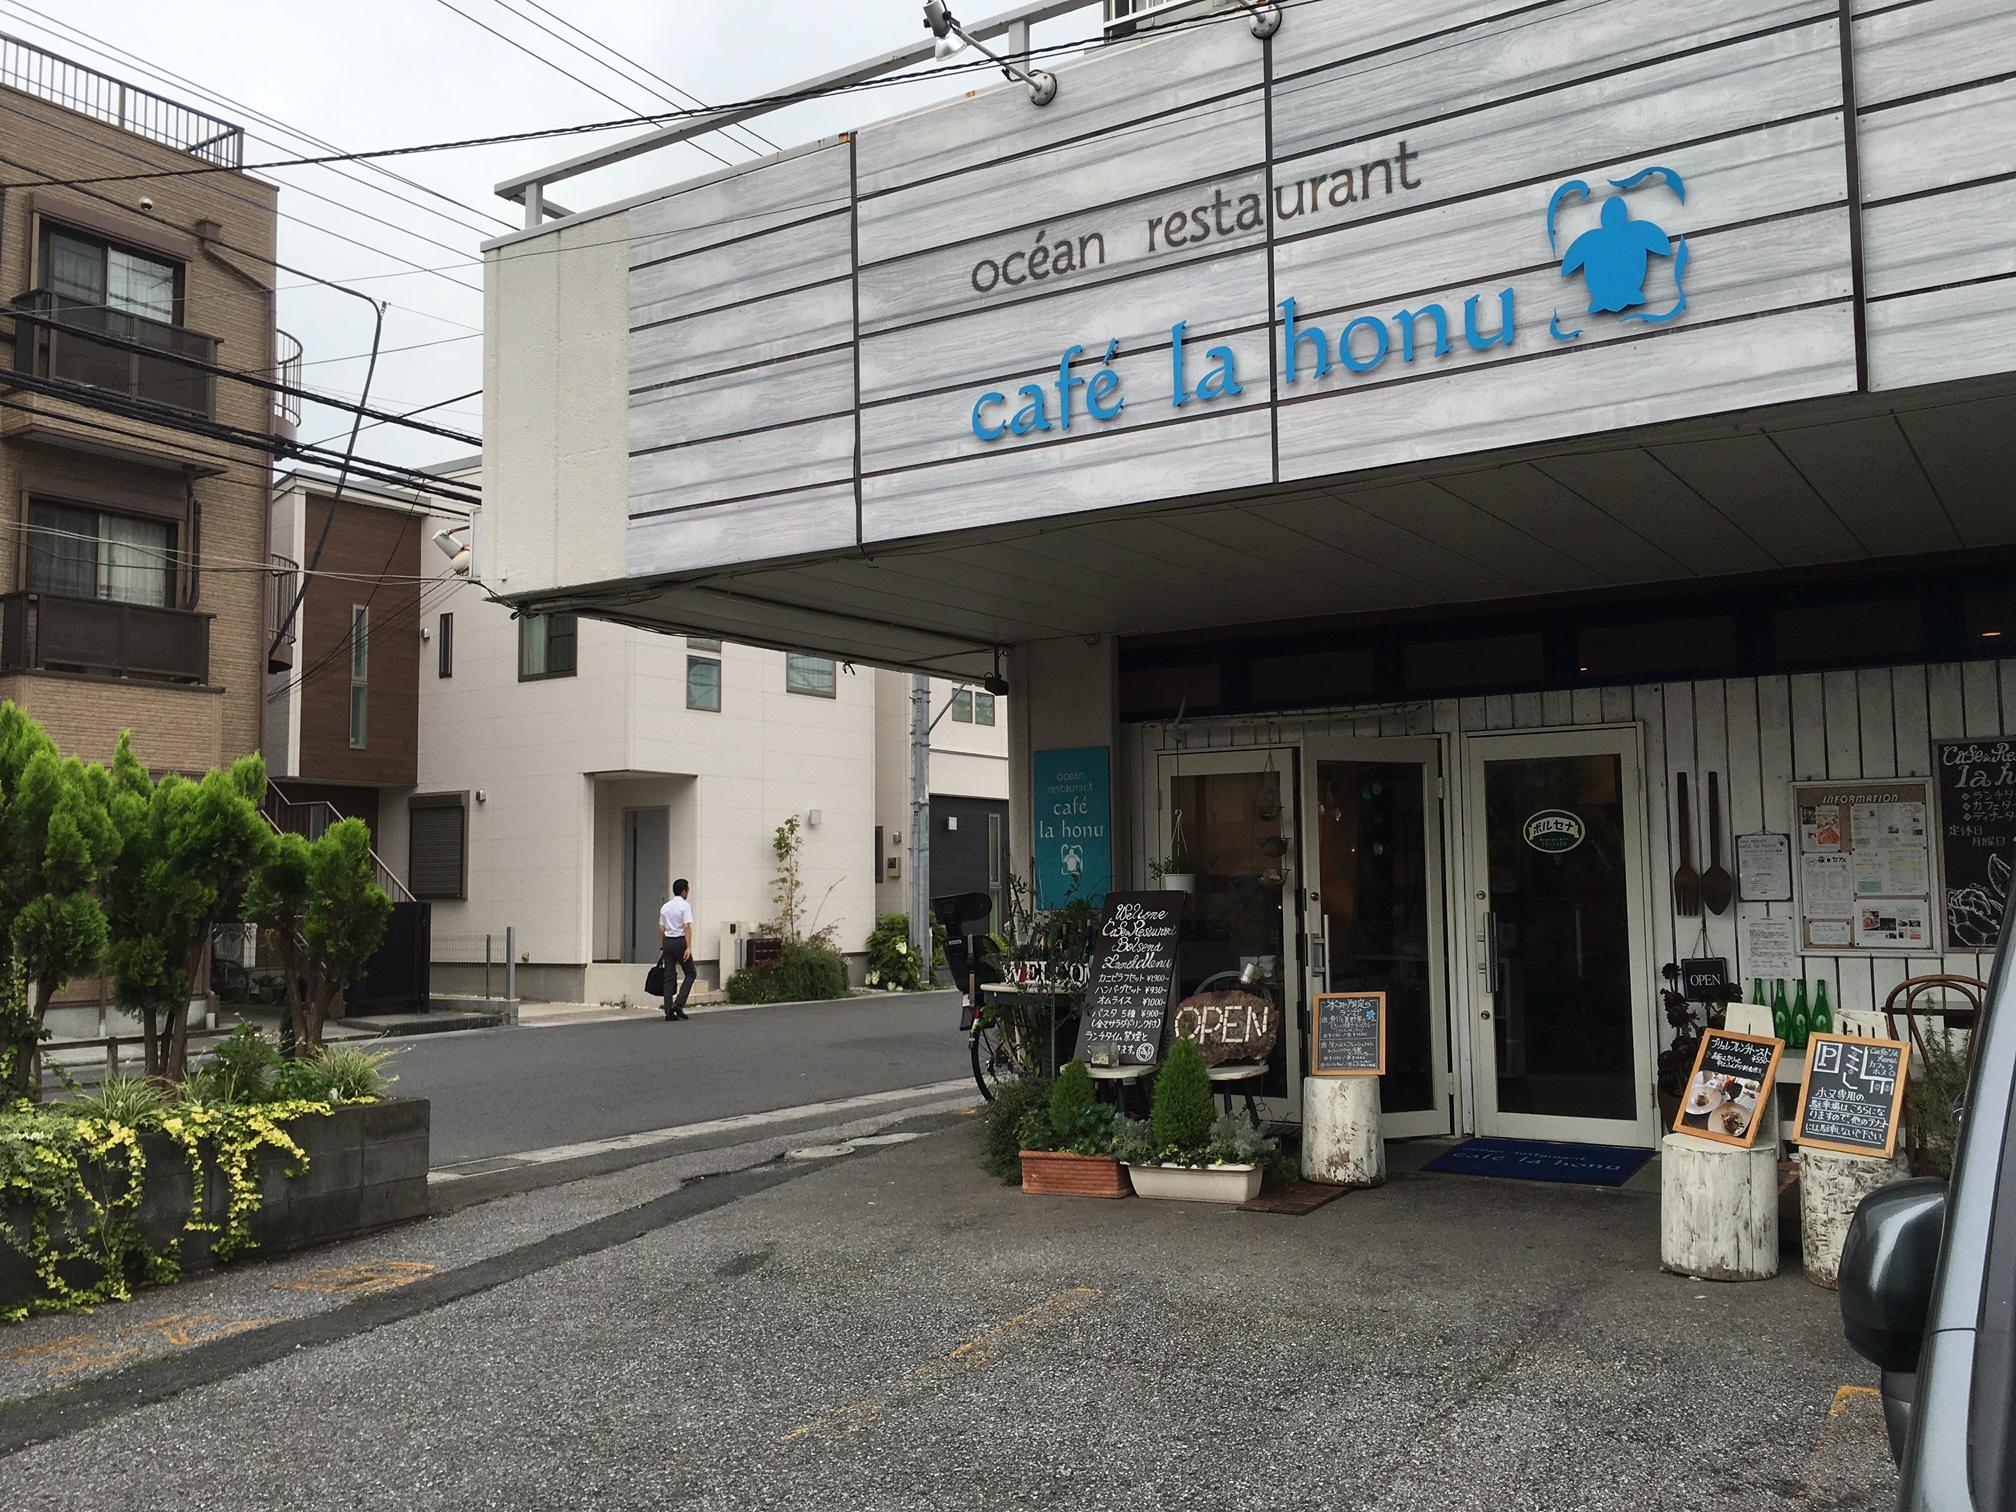 カフェ ラ ホヌ (埼玉県越谷市、洋食・シーフード)